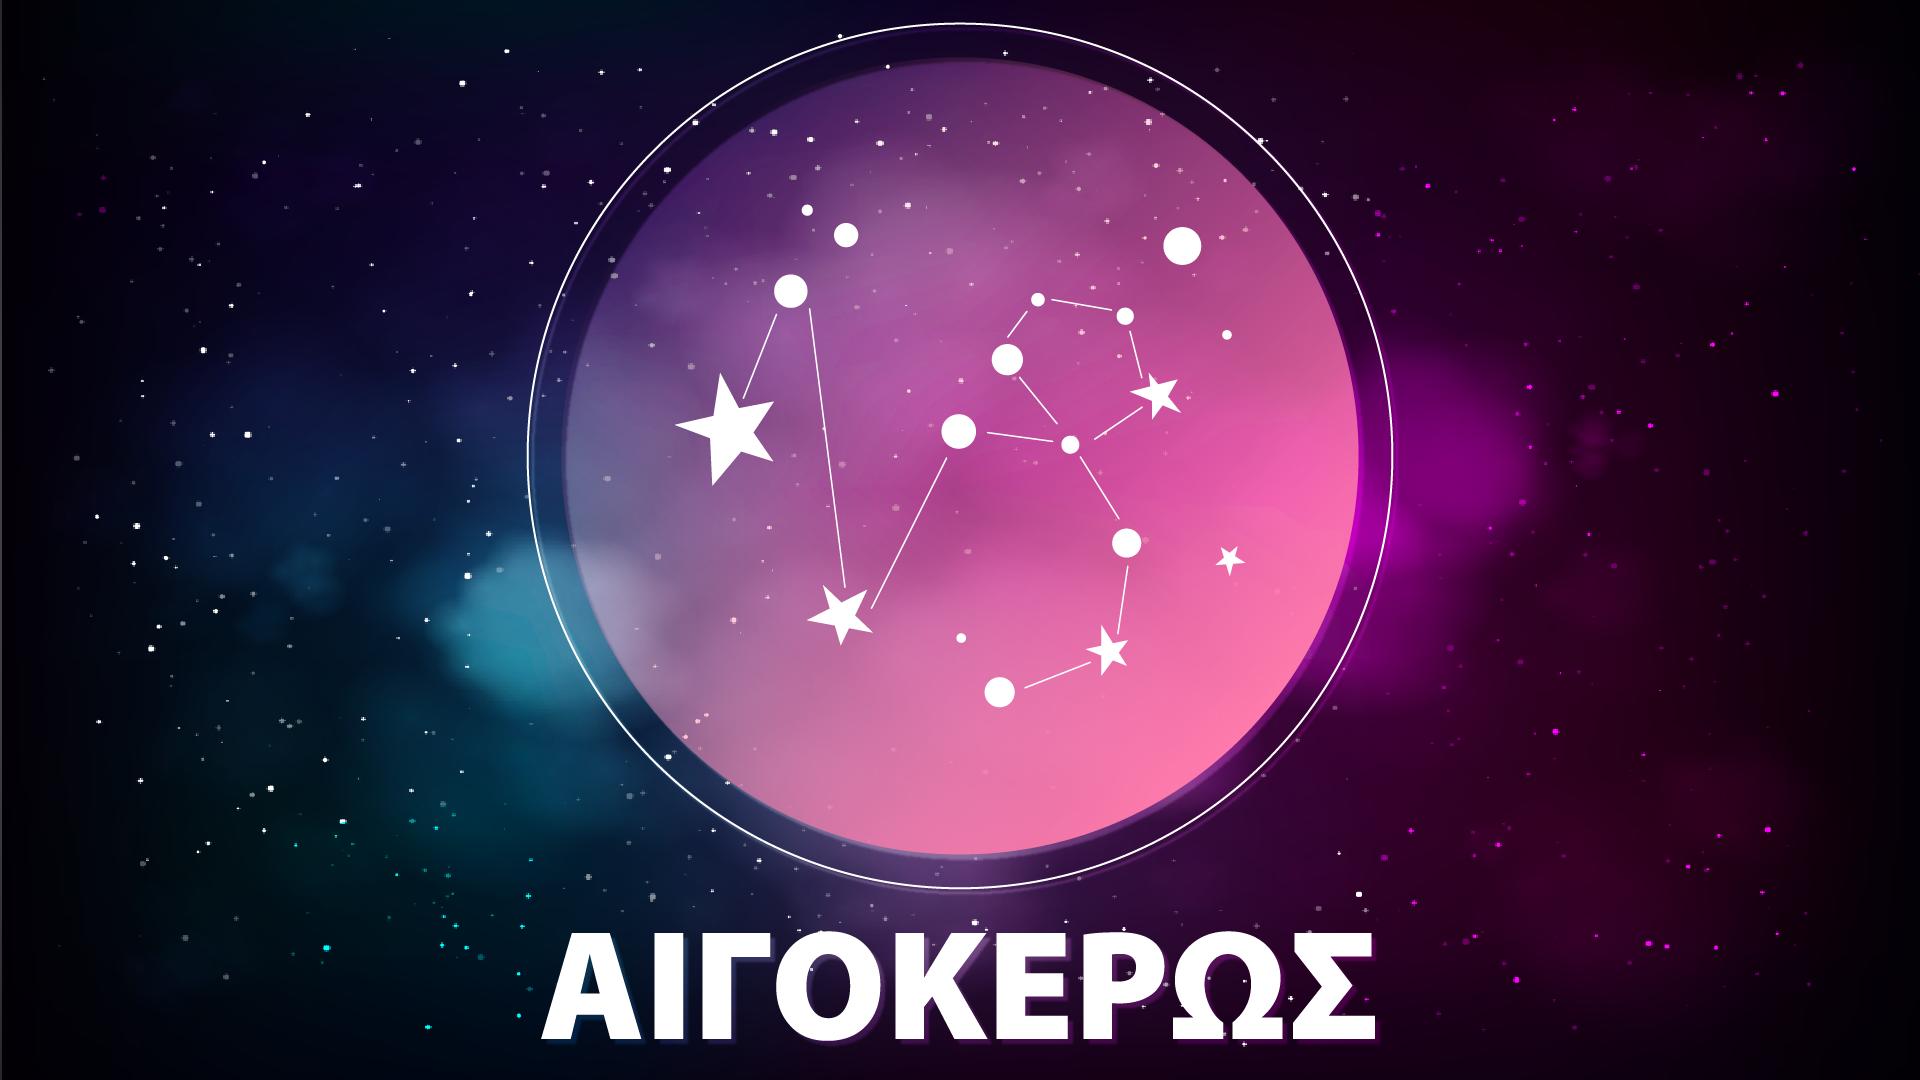 ΑΙΓΟΚΕΡΩΣ – Εβδομαδιαίες αστρολογικές προβλέψεις από 24/6 έως και 1/7/2019